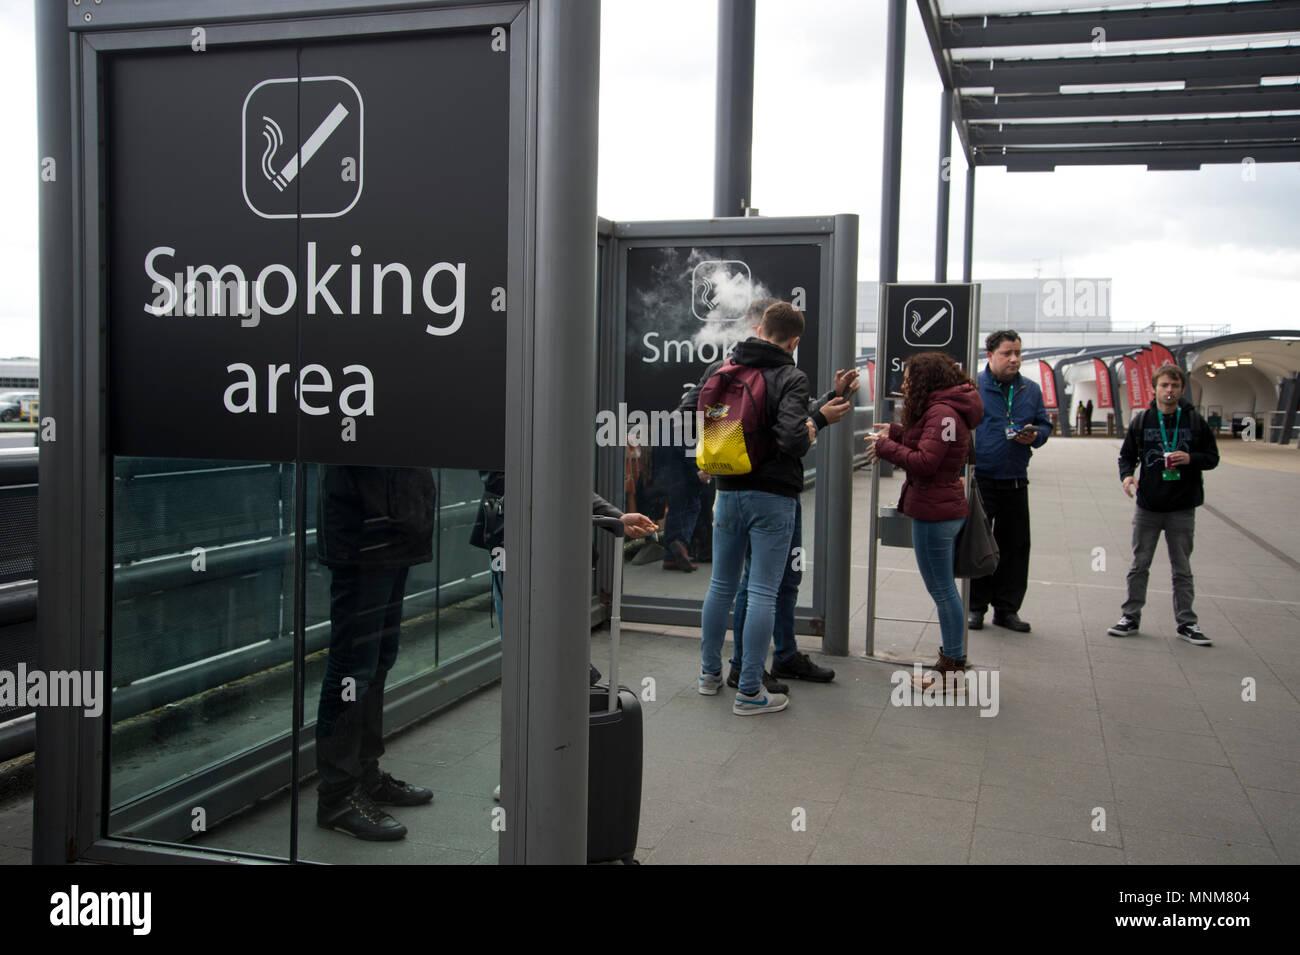 Gatwick airport , Sussex, England. Smoking area - Stock Image